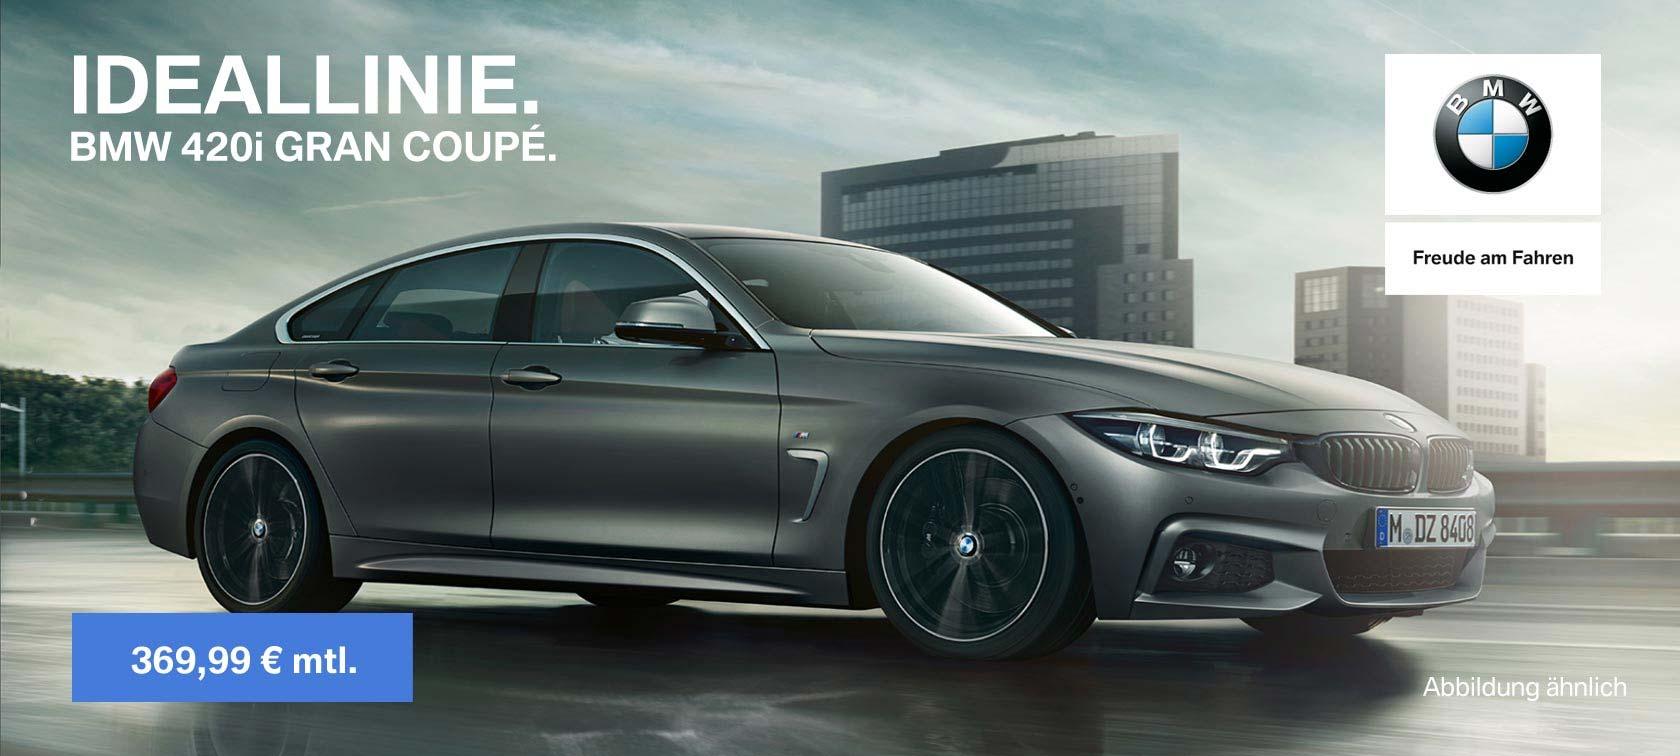 BMW 420i Gran Coupé Angebot von Märtin